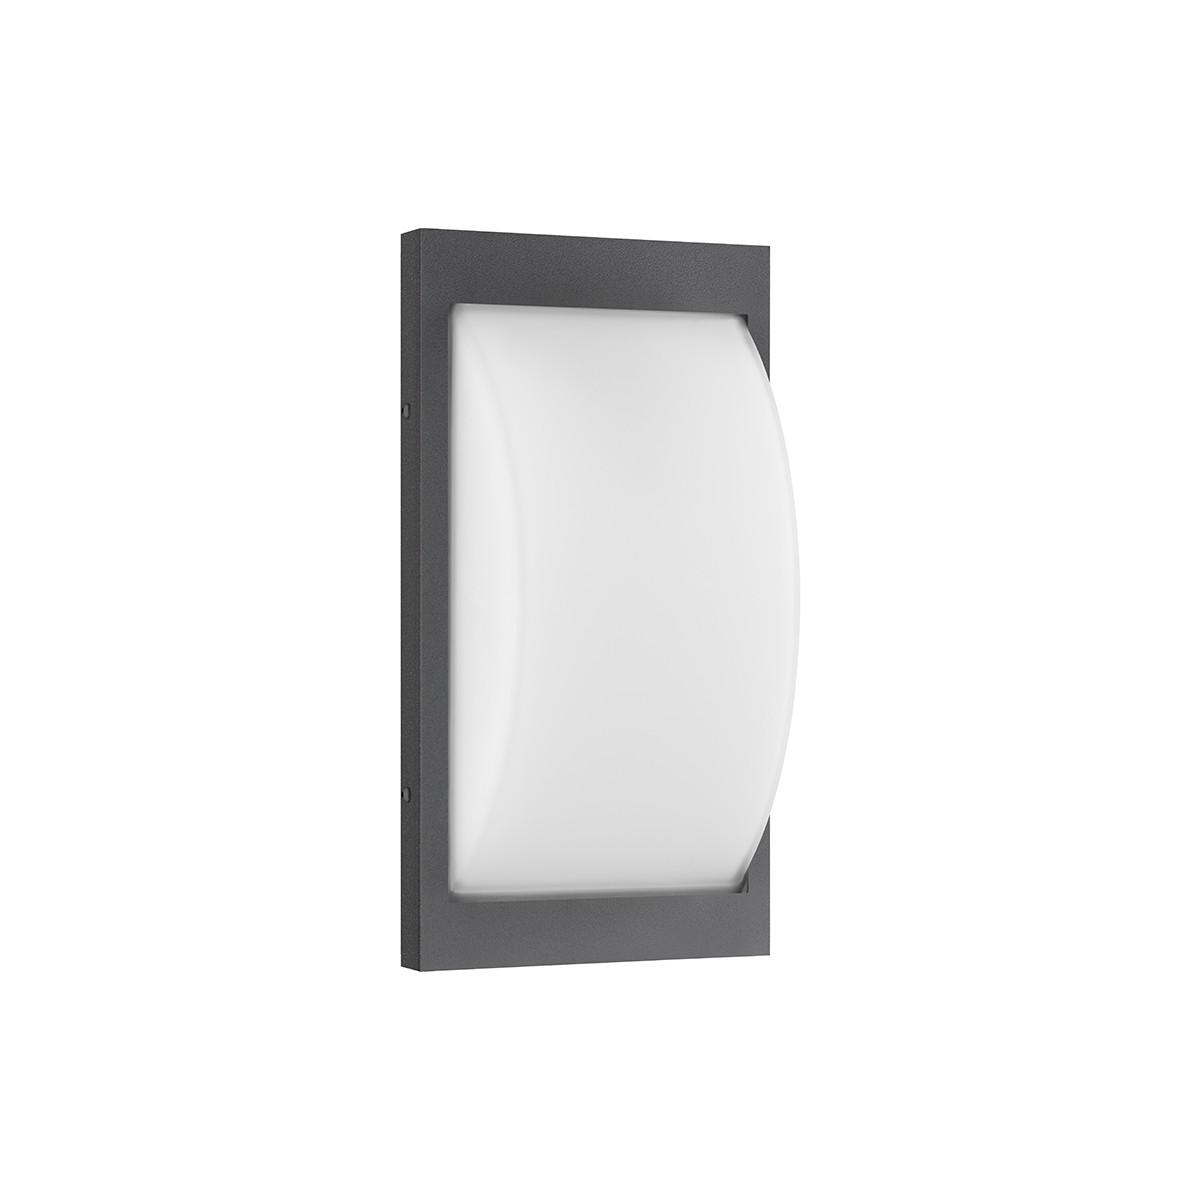 LCD Außenleuchten 069 Wandleuchte LED, graphit, ohne Bewegungsmelder